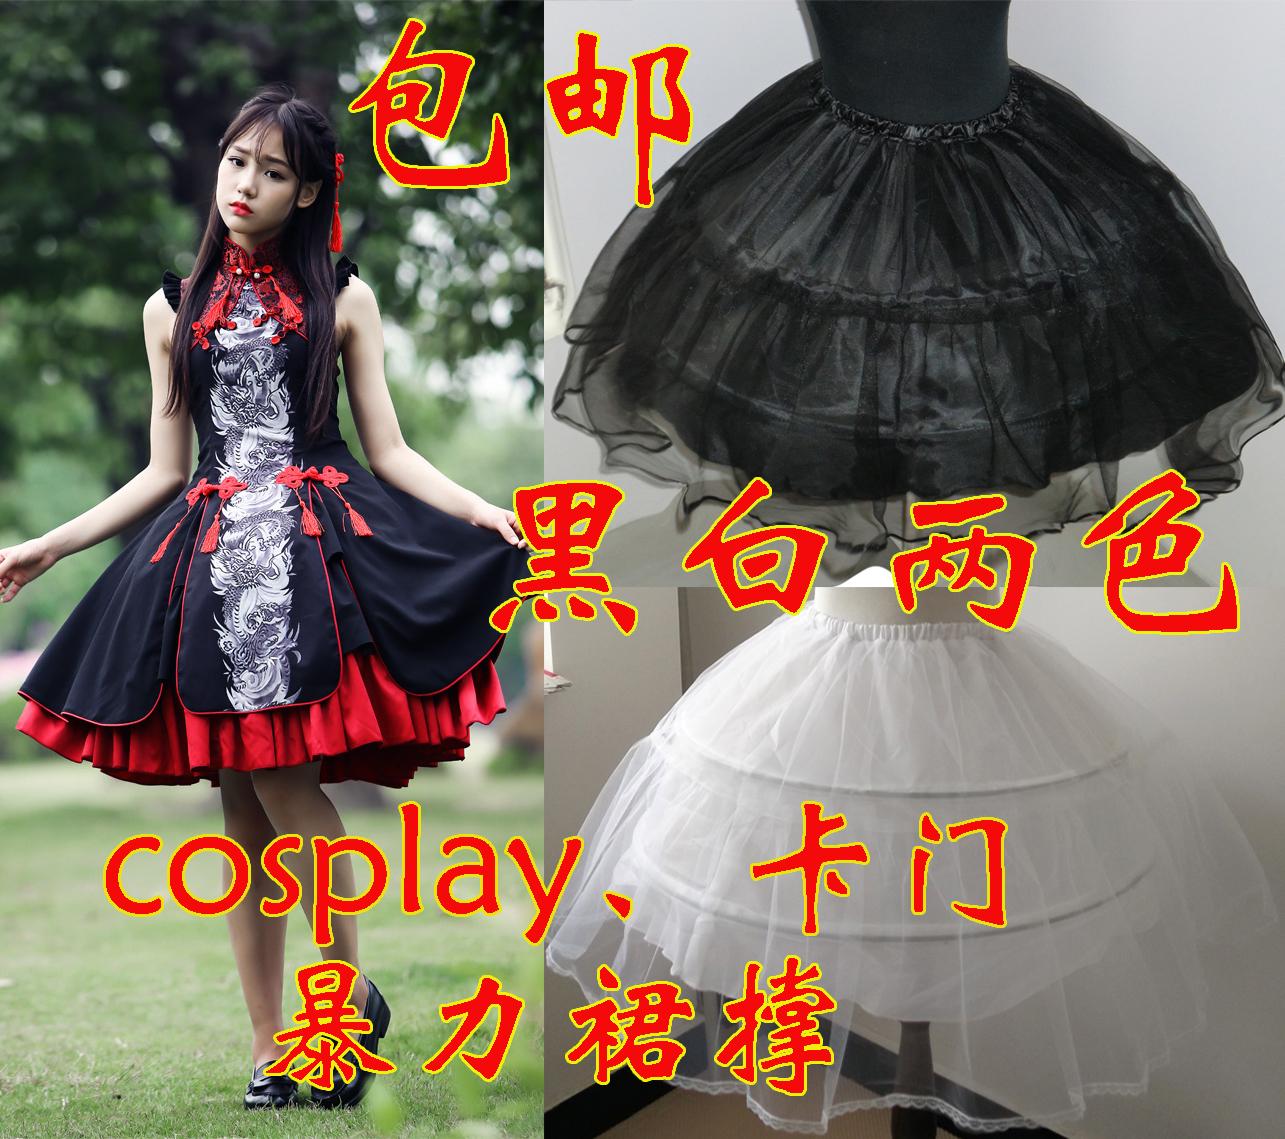 Насилие cosplay лето воздухопроницаемый lolita прохладно деформировать протяжение сталь полиэтиленовый пакет елочка юбка юбка поддержка